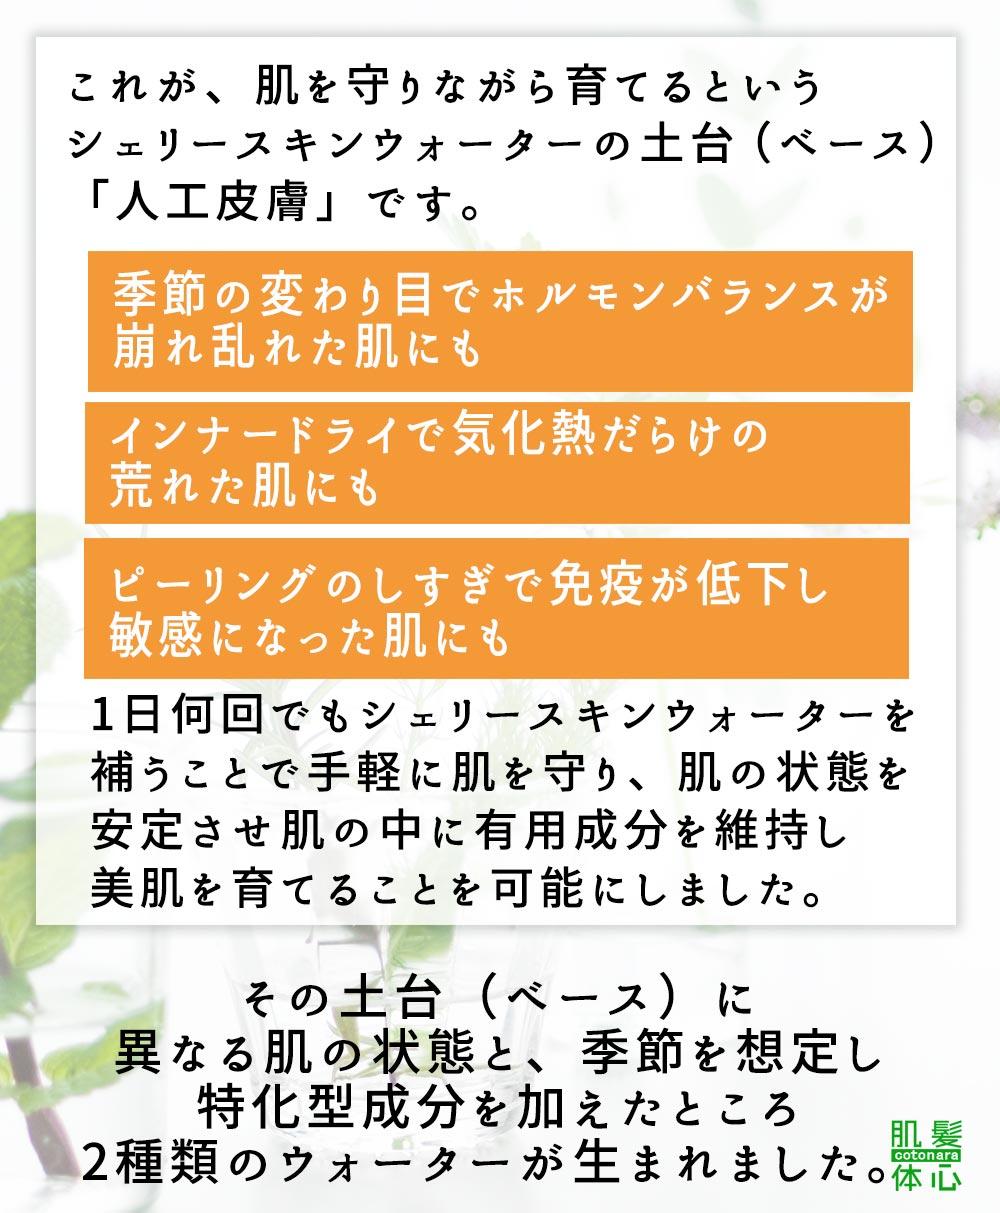 透明美容マスク シェリースキンウォーターのご購入はこちらから|東京・世田谷区 正規取扱い販売店 三軒茶屋からだのことなら【美肌研究所 SEIGAN】|通販ネットショップ運営|口コミ・効果・公式の使い方など